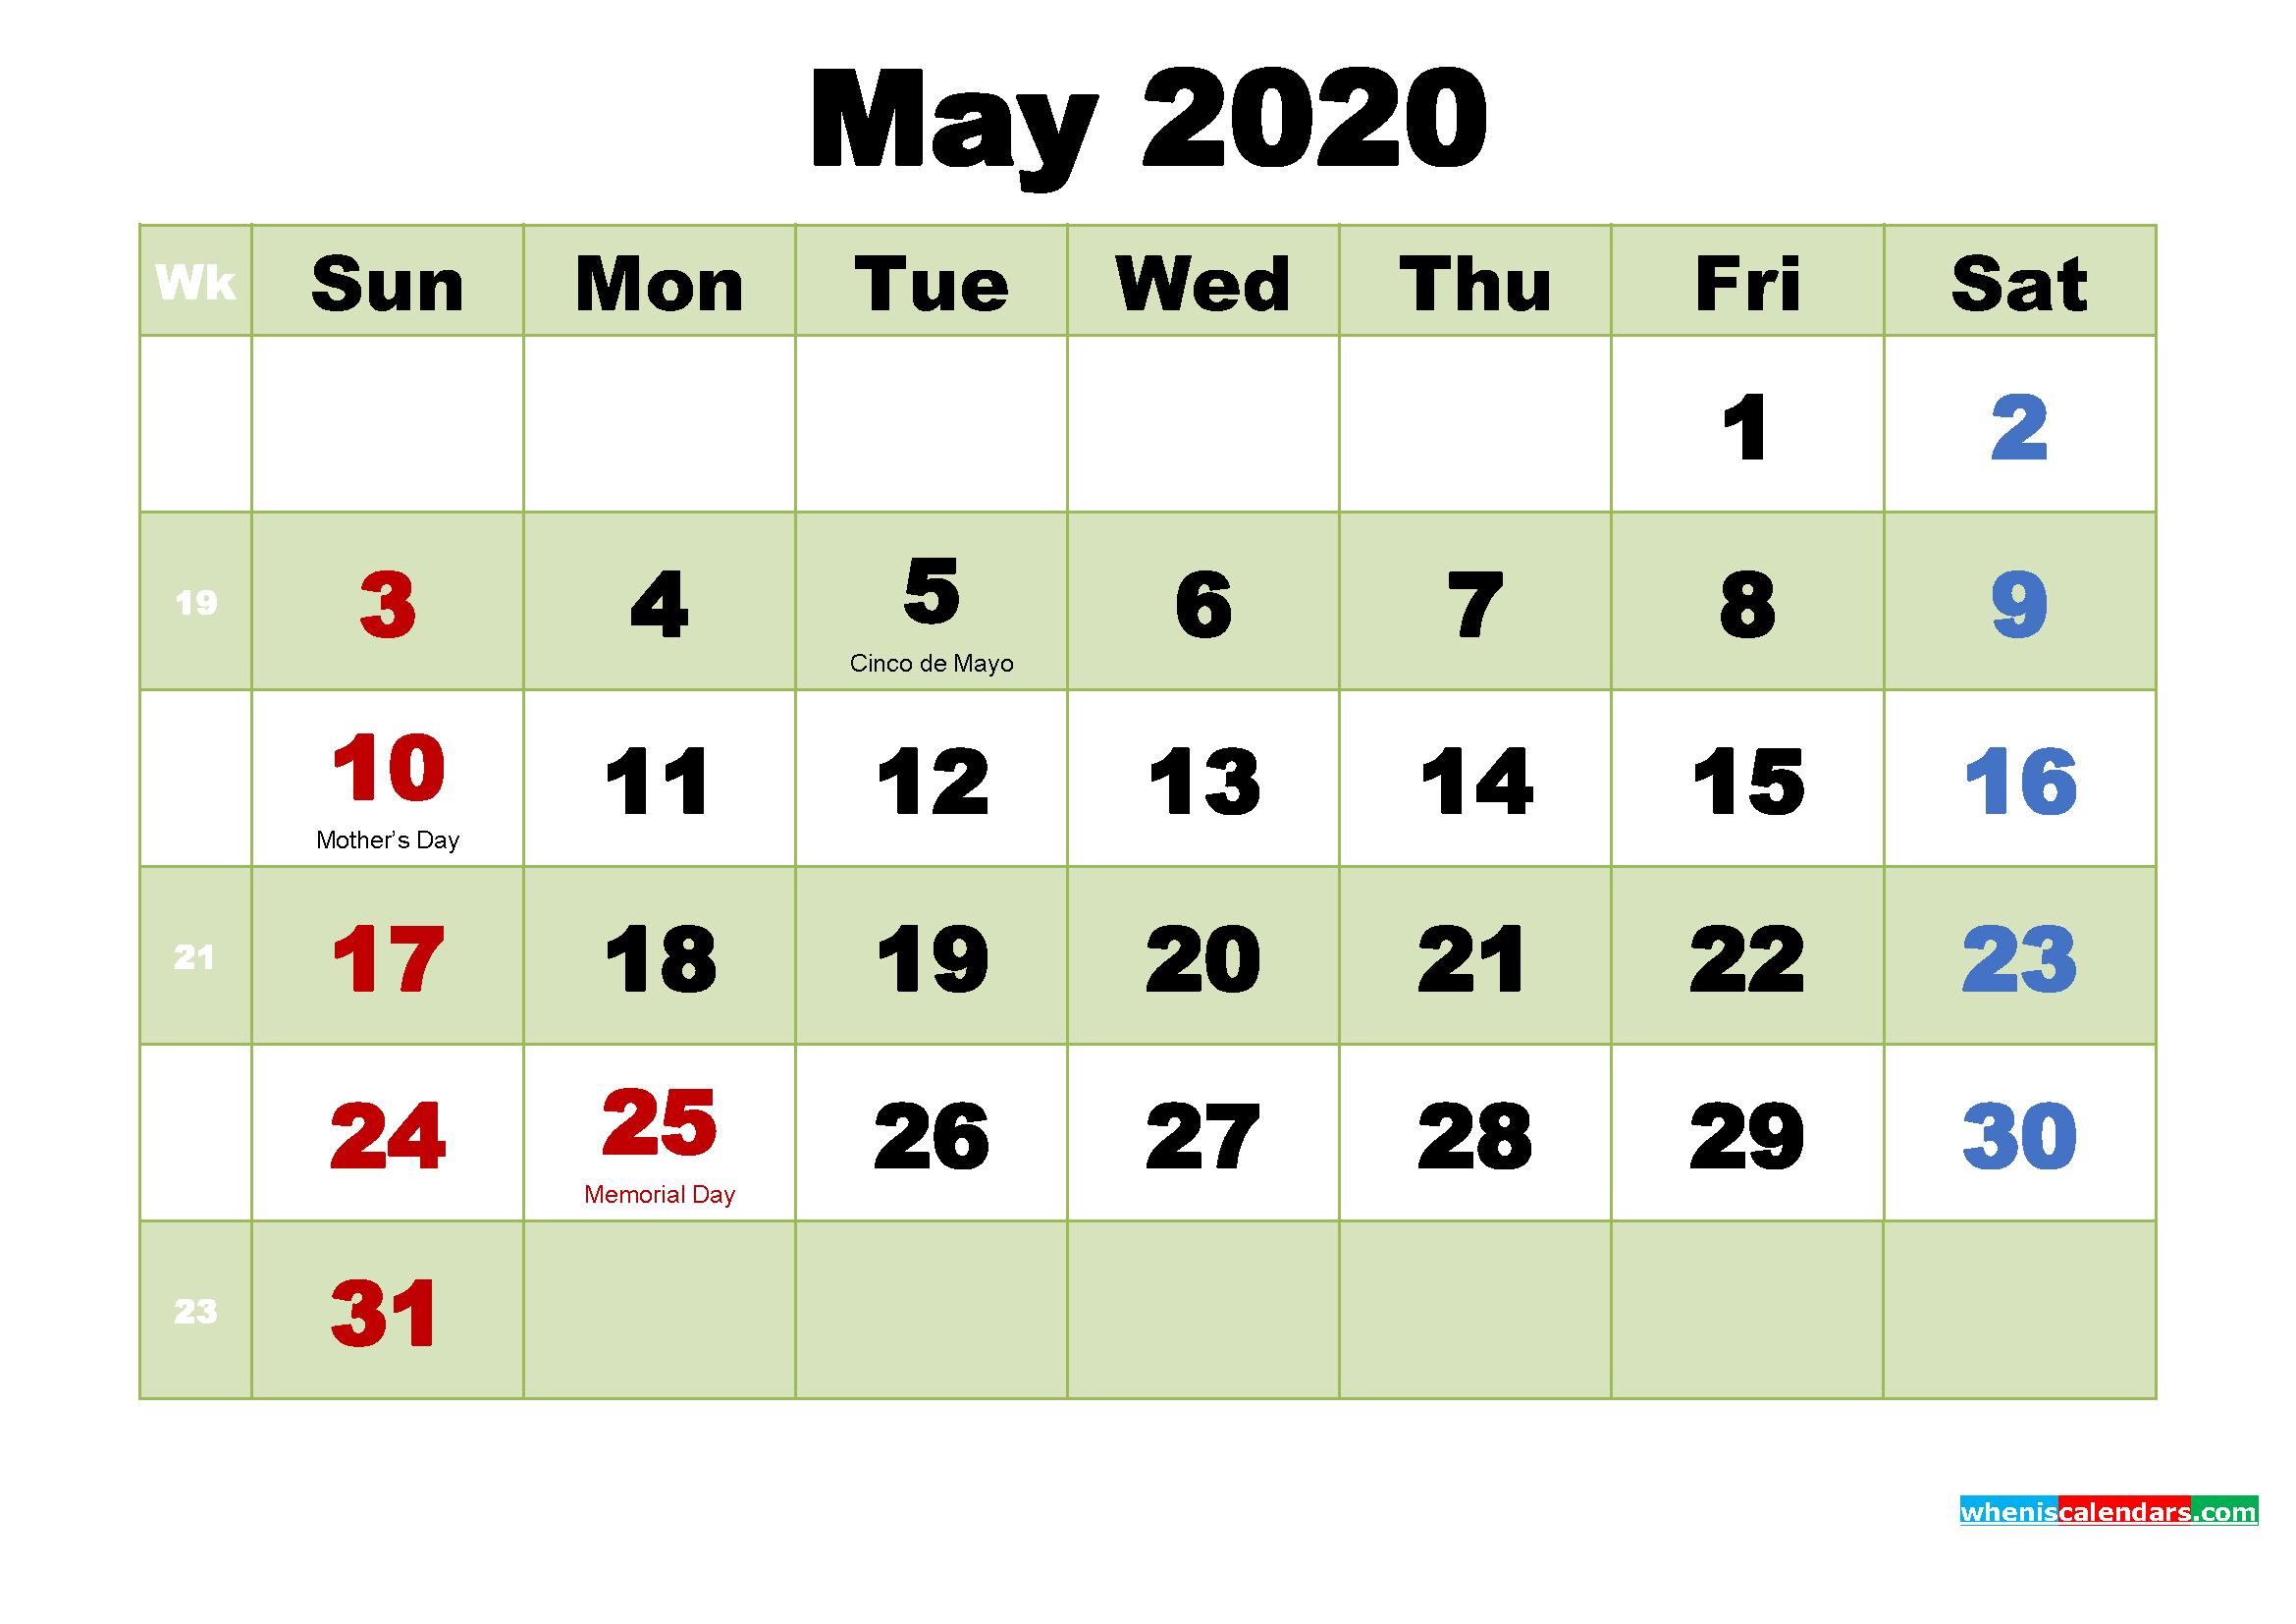 Printable Calendar for May 2020